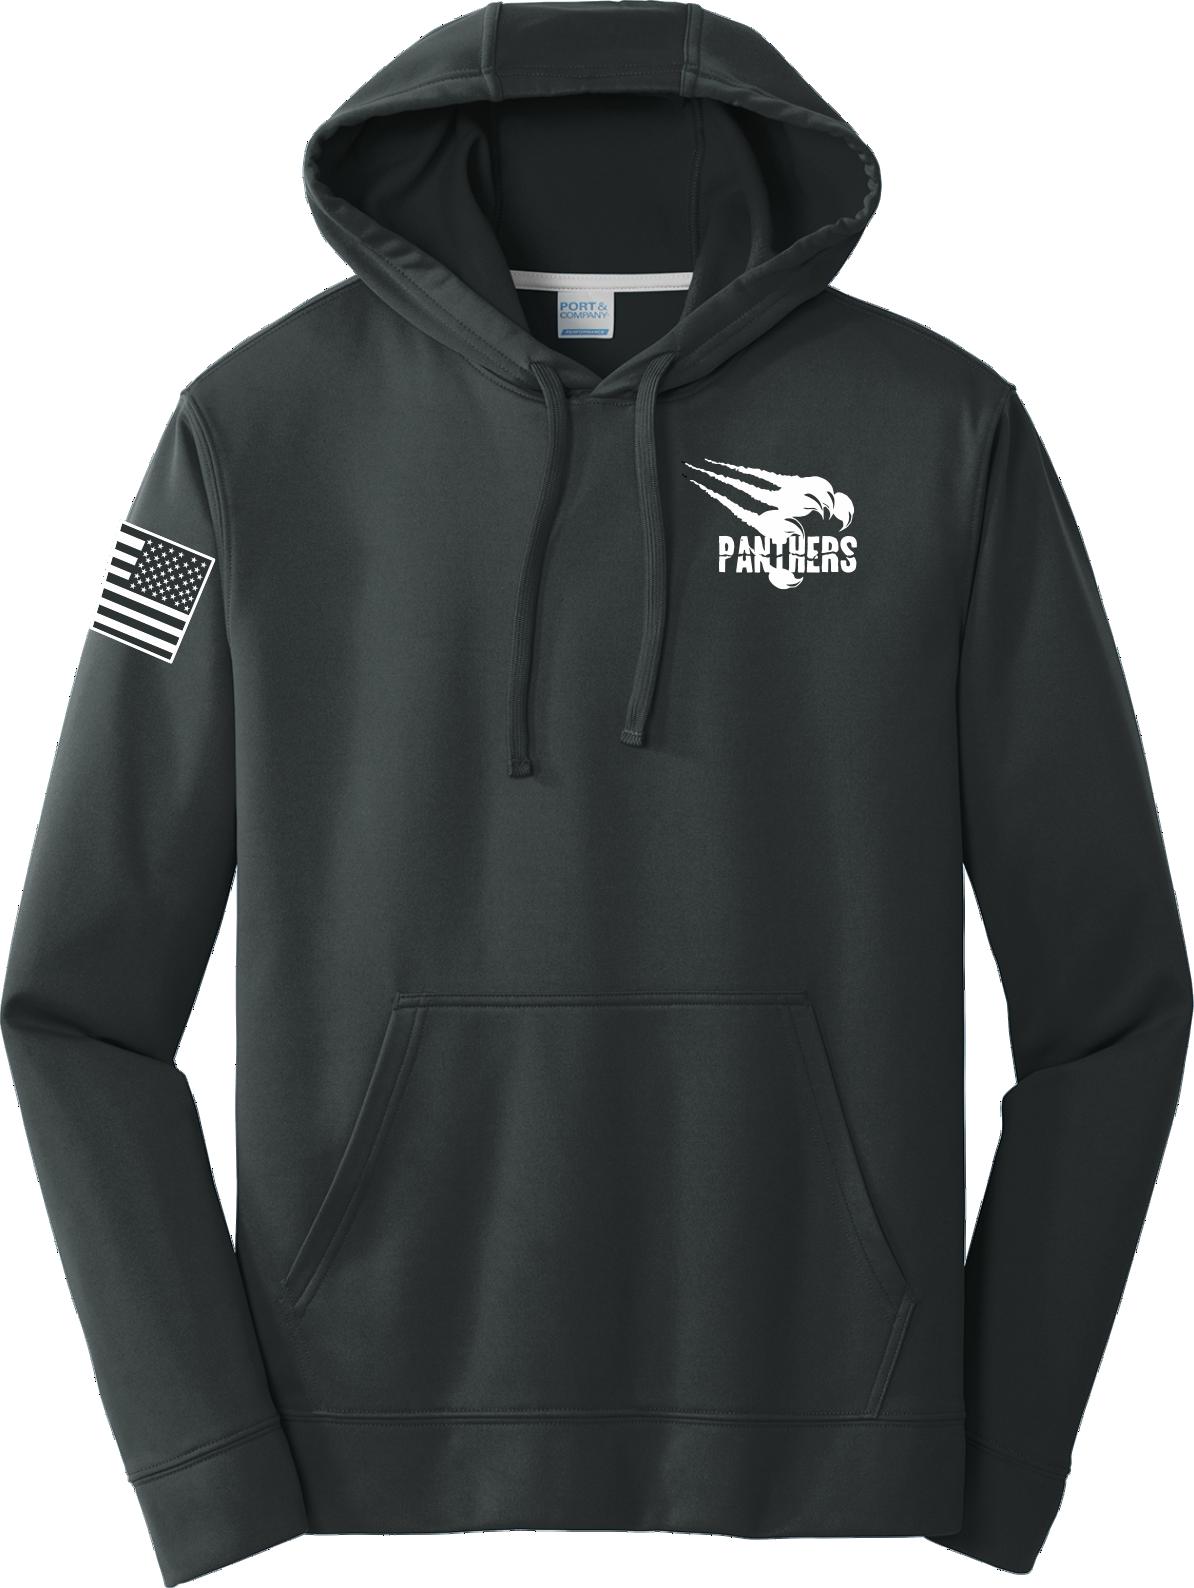 Black Poly Fleece Crew Hooded Sweatshirt